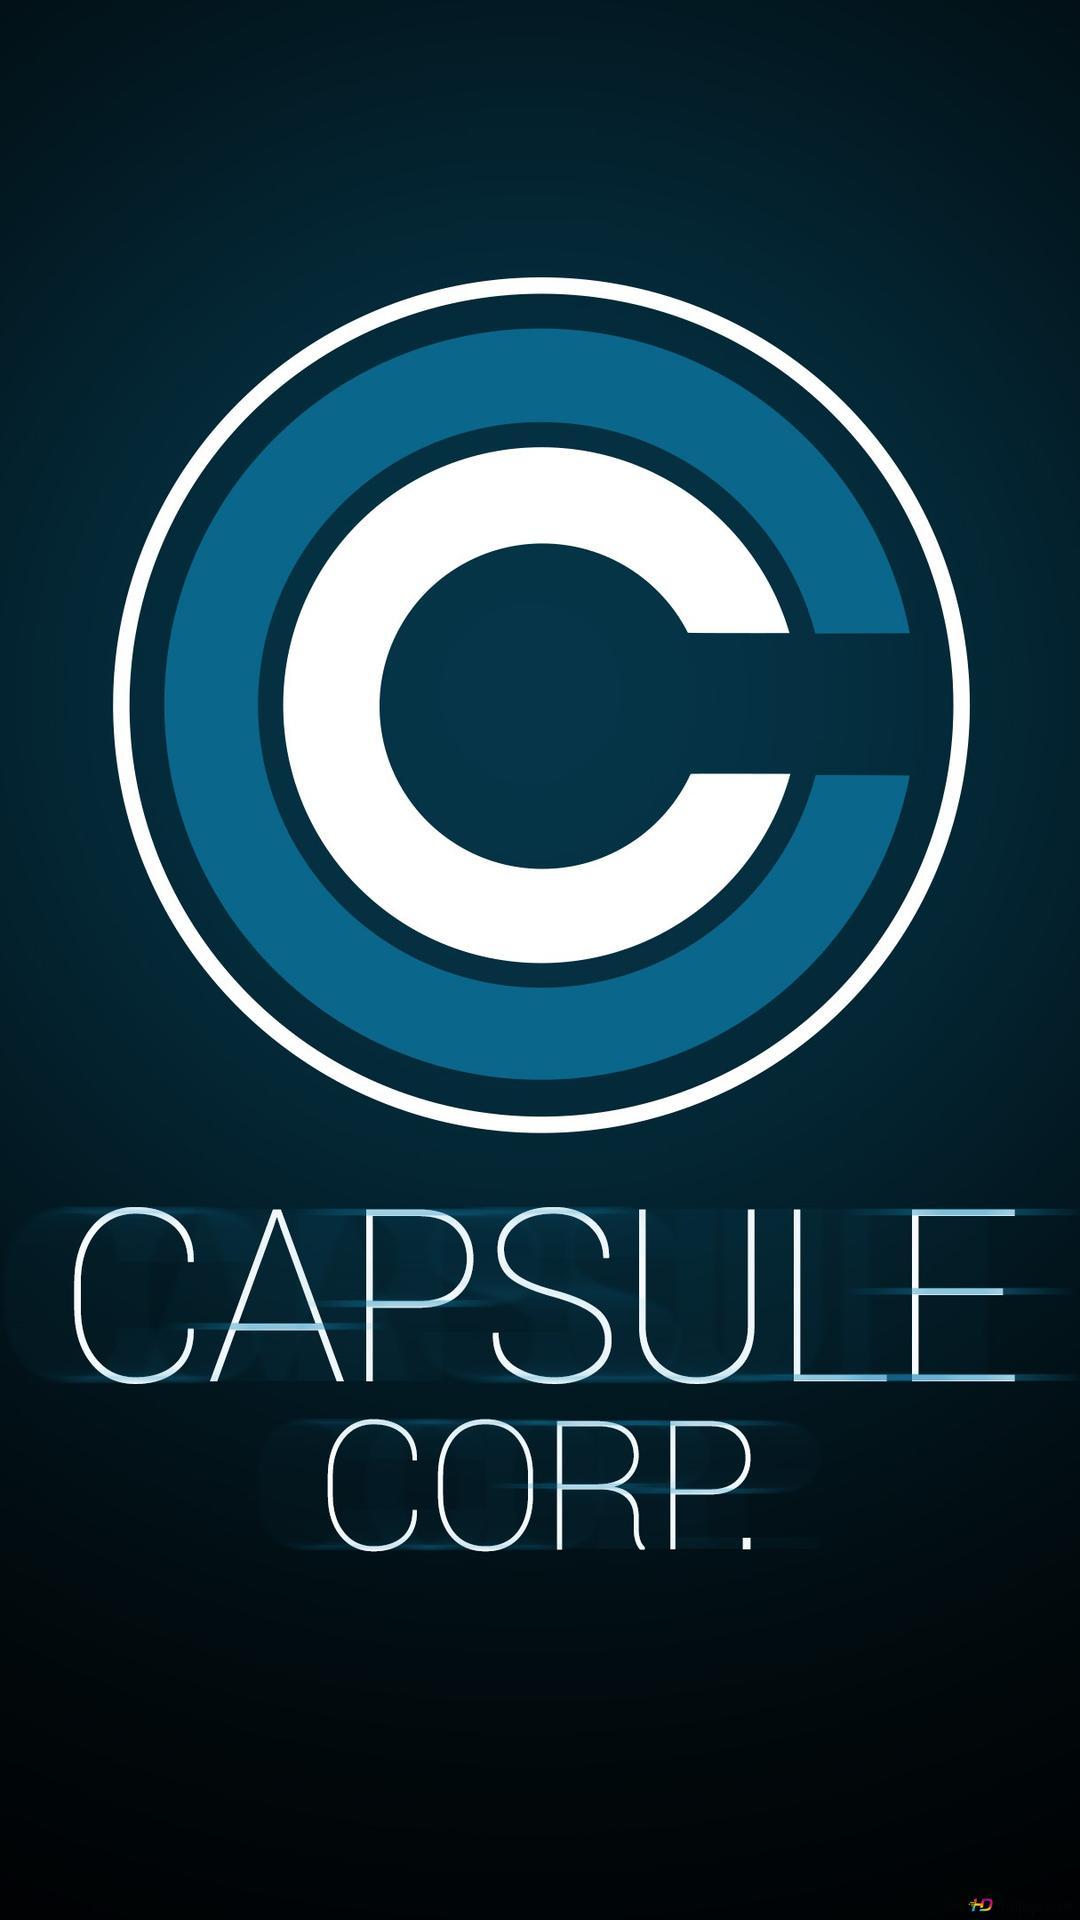 ロゴカプセルコーポレーションcorp Hd壁紙のダウンロード